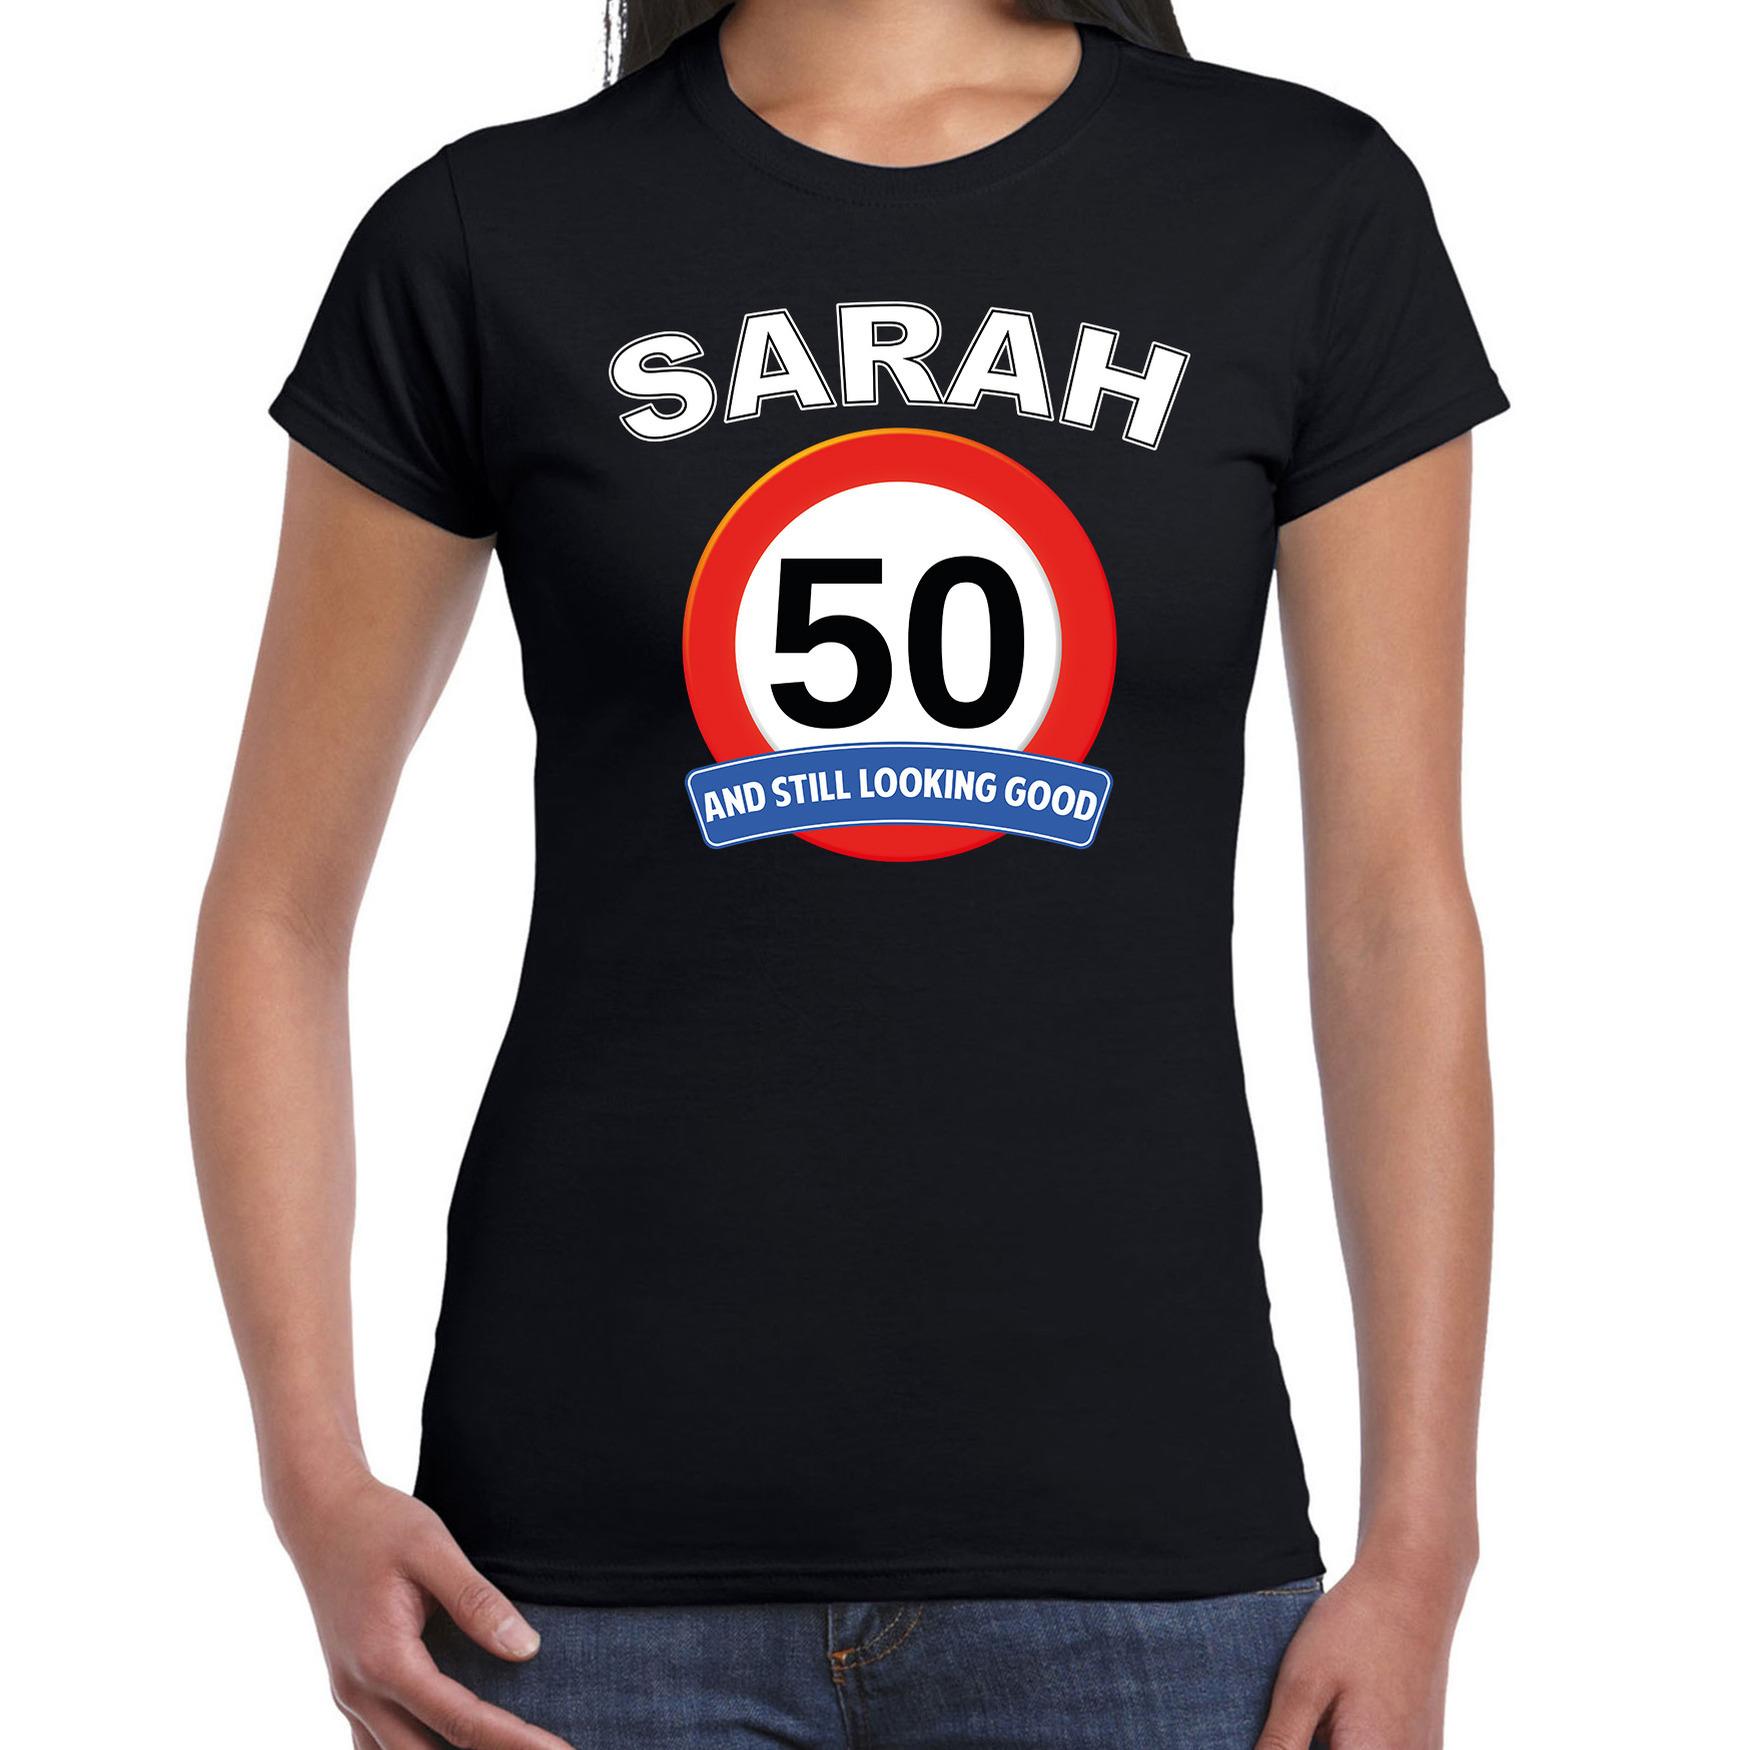 Verjaardag cadeau t-shirt verkeersbord 50 jaar Sarah zwart voor dames M -